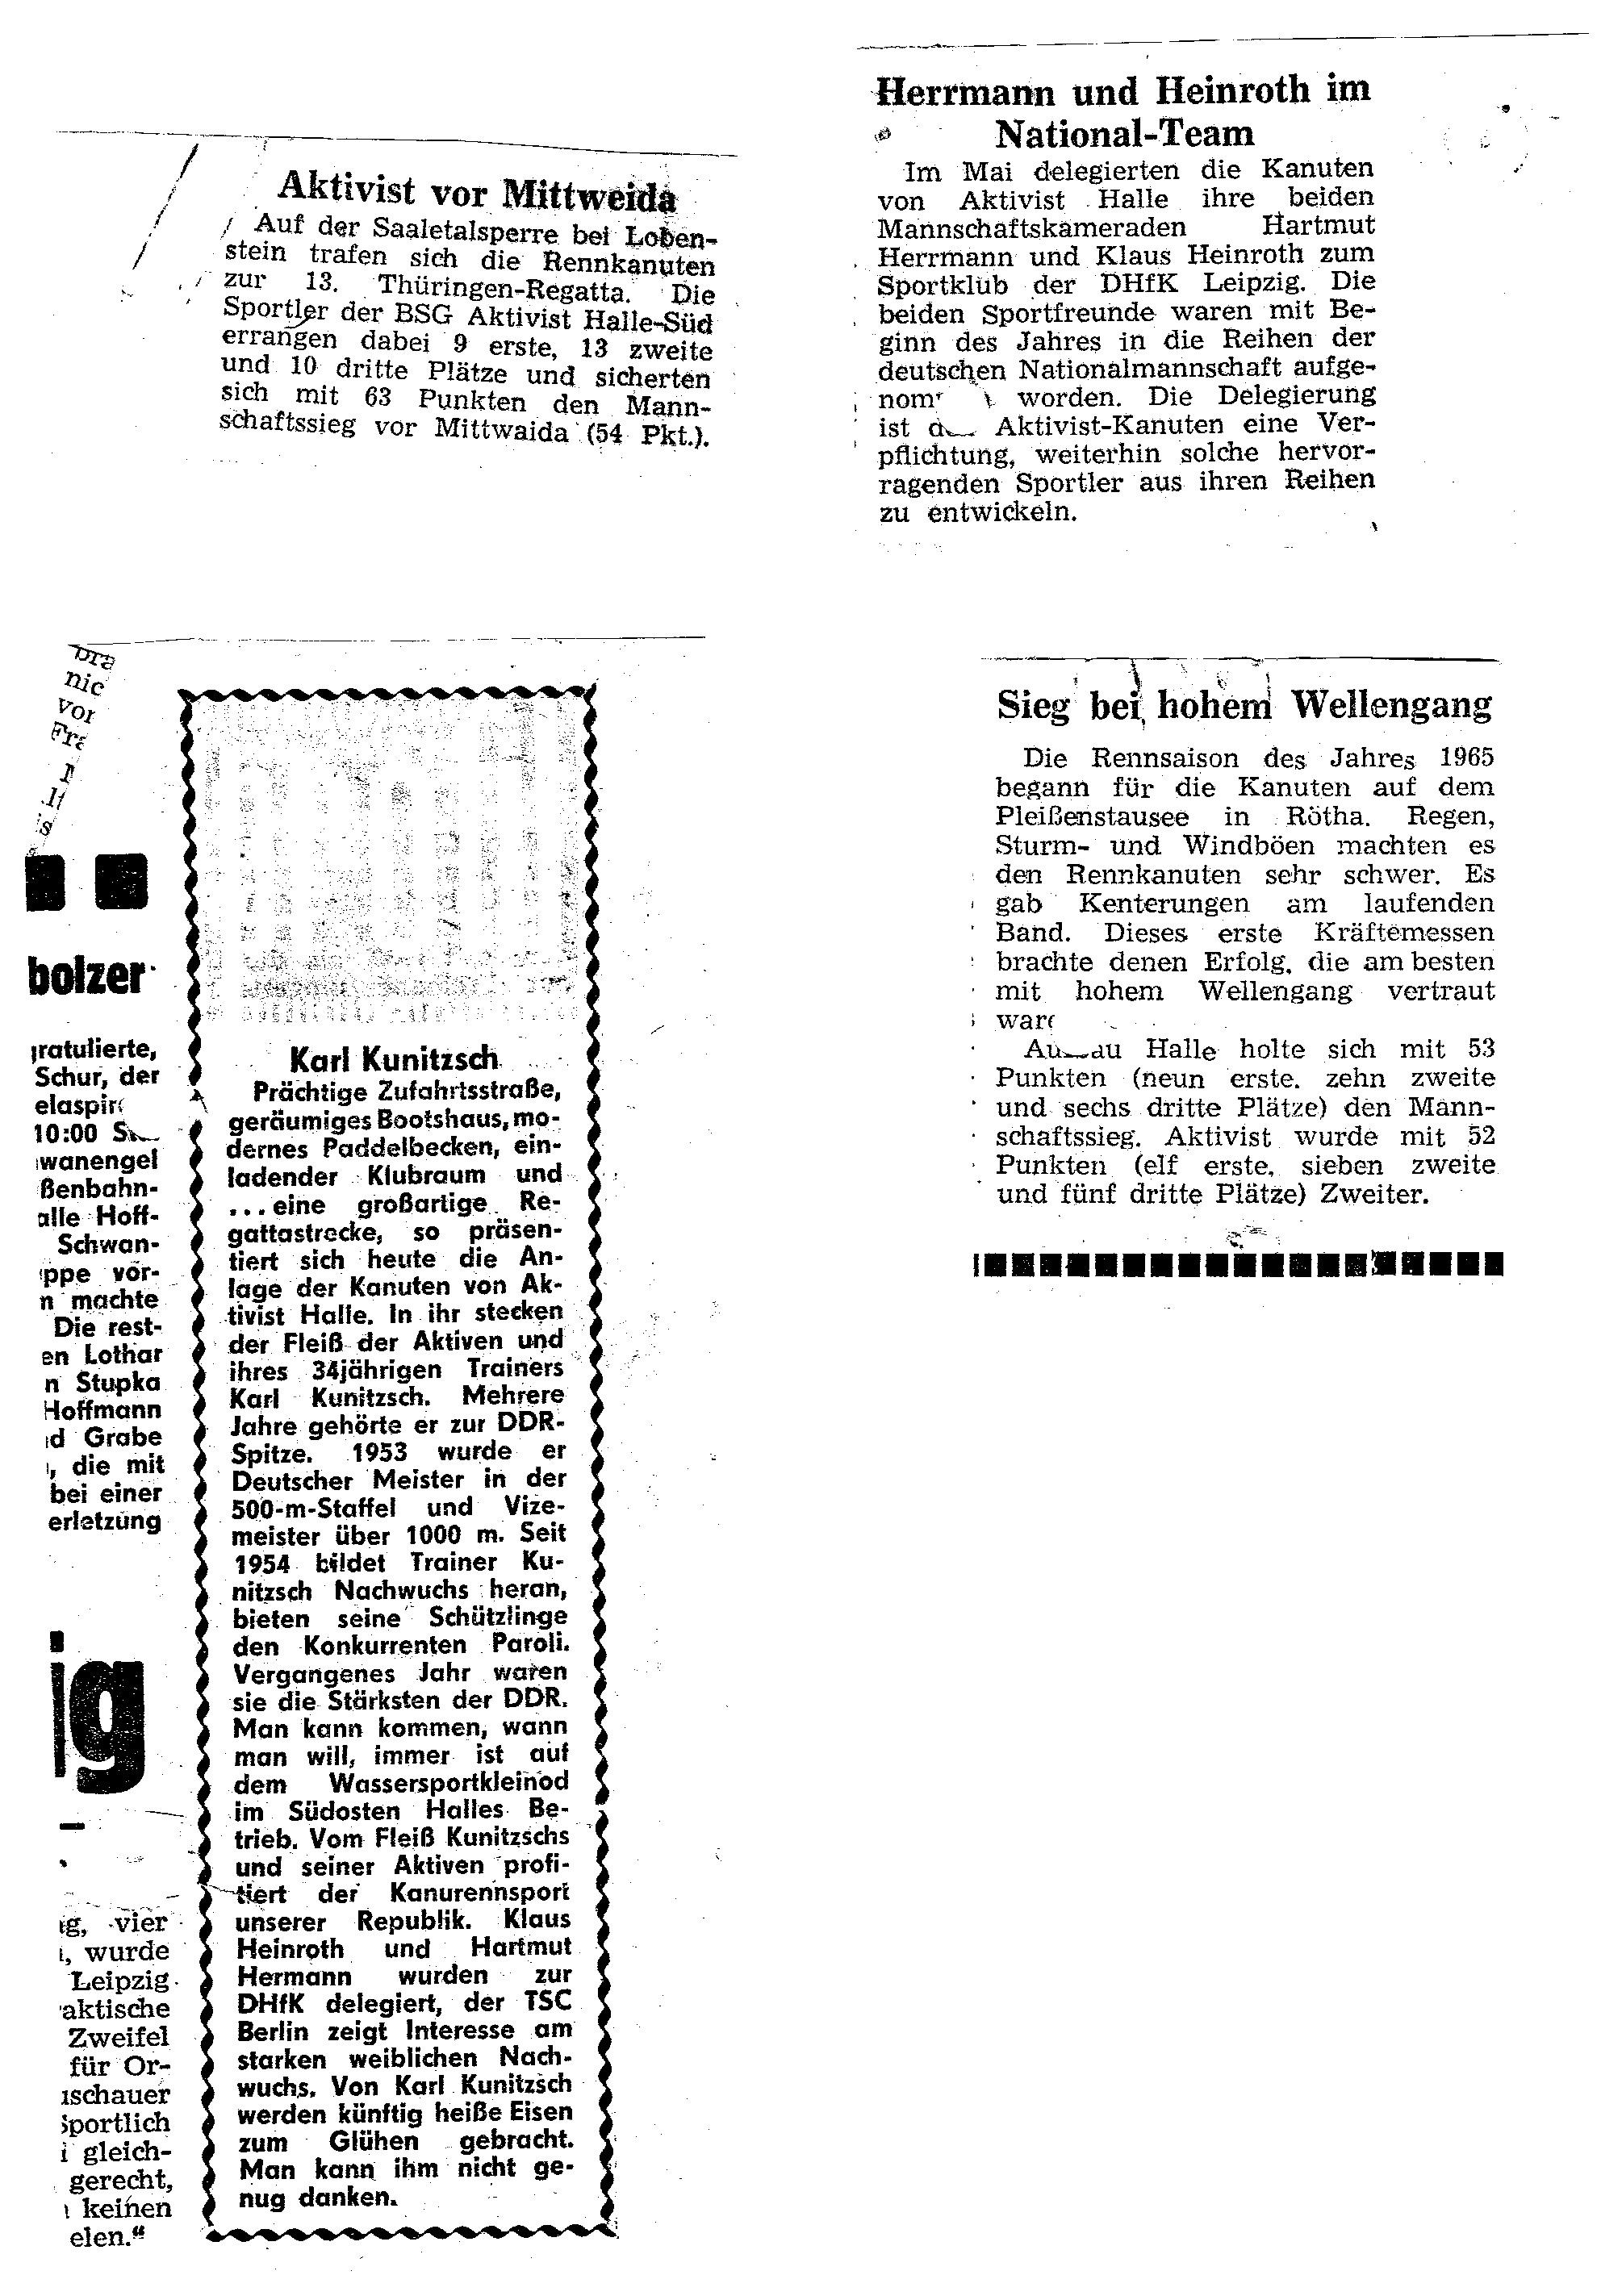 1965 Aktivist vor Mittweida, Herrmann und Heinroth im Nationalteam